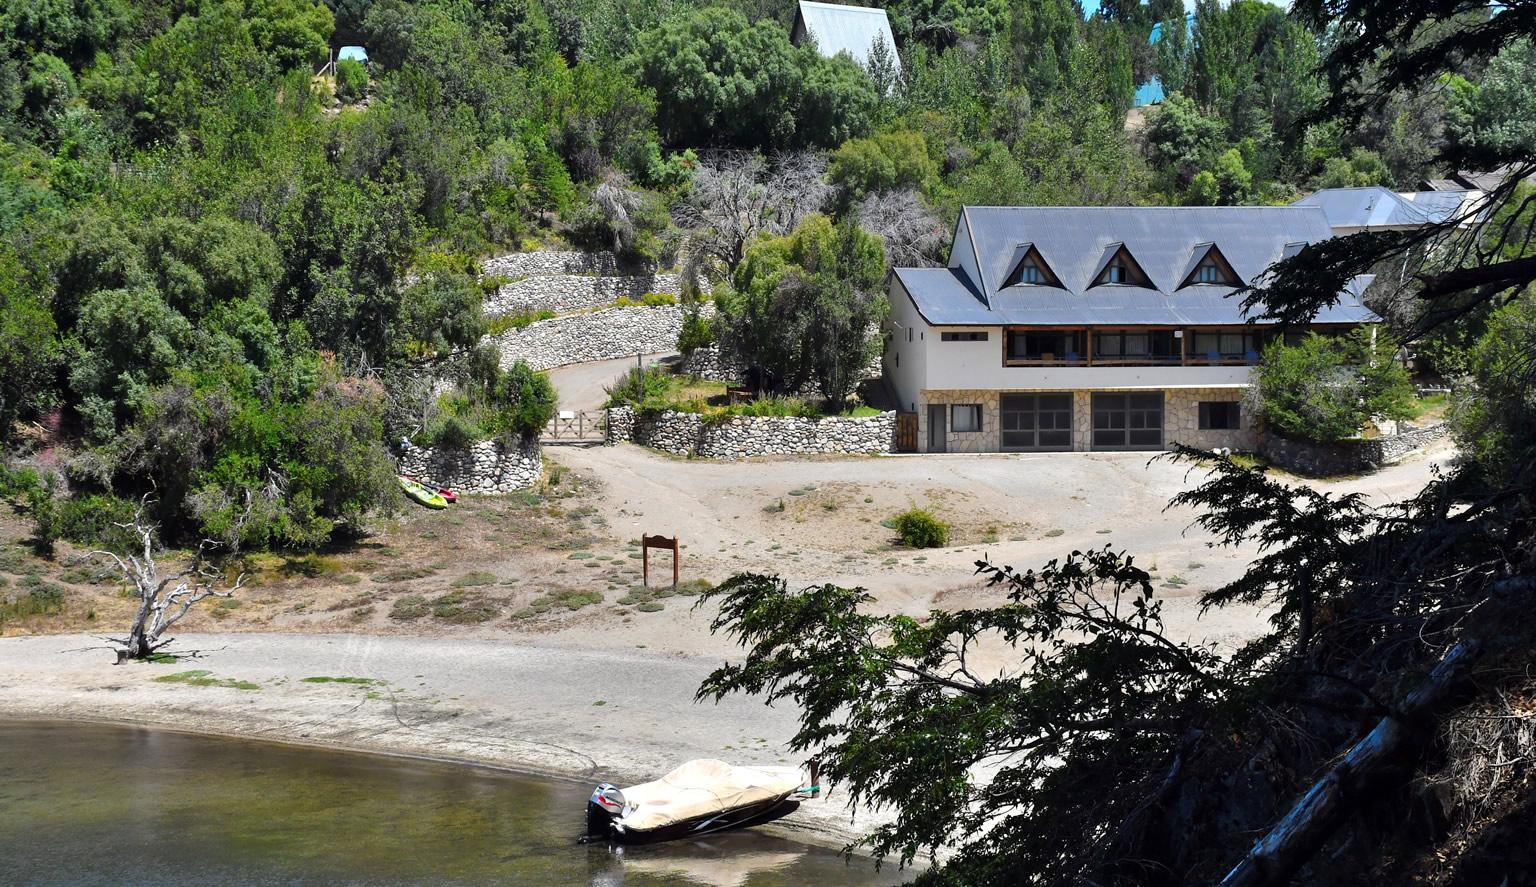 Bahía Rosedal - Apart Hotel de Montaña | Villa Pehuenia - Patagonia - Argentina